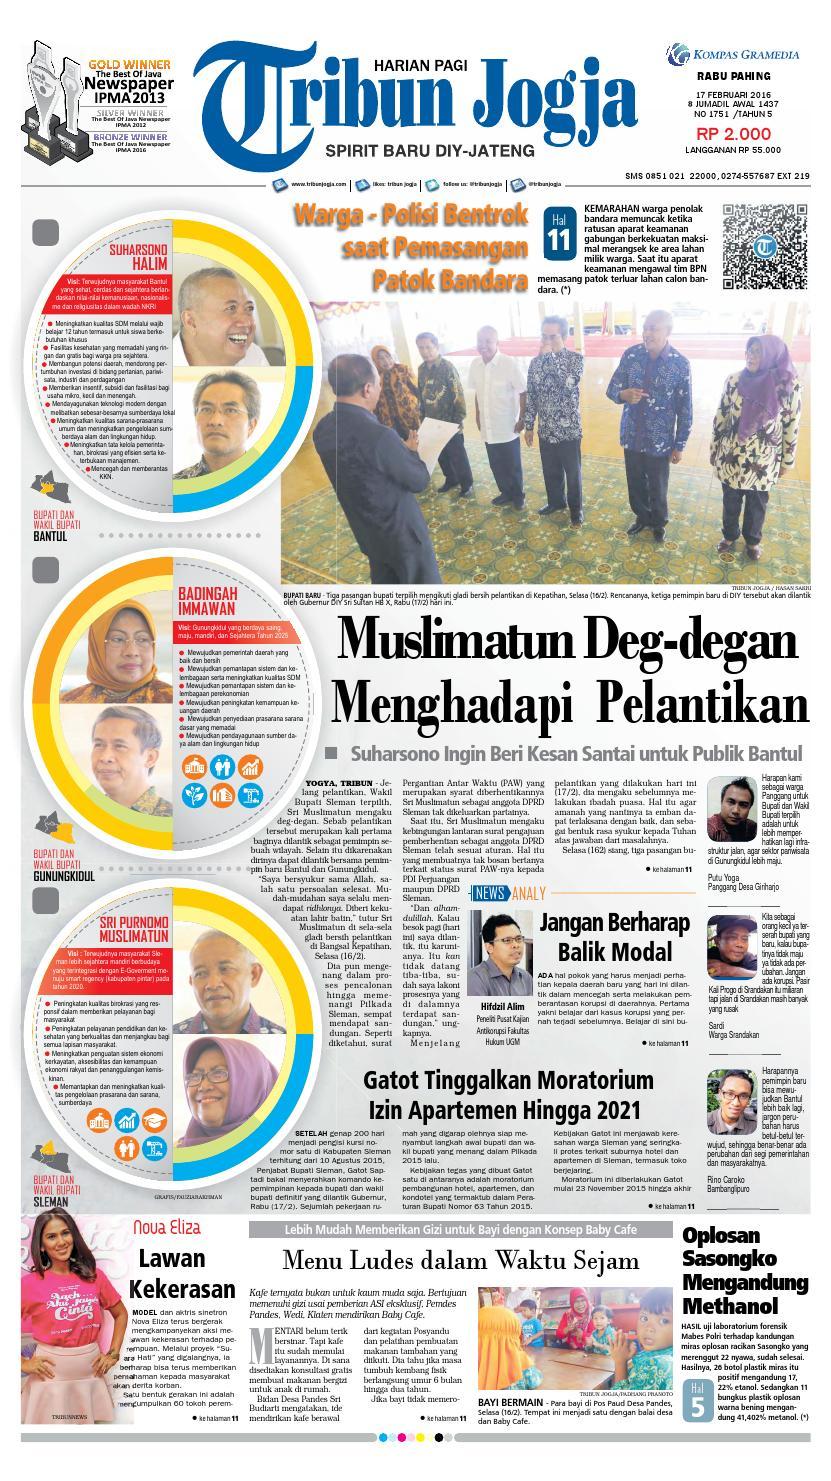 Tribunjogja 17 02 2016 By Tribun Jogja Issuu Produk Ukm Bumn Kain Batik Eksklusif Lasem Manuk